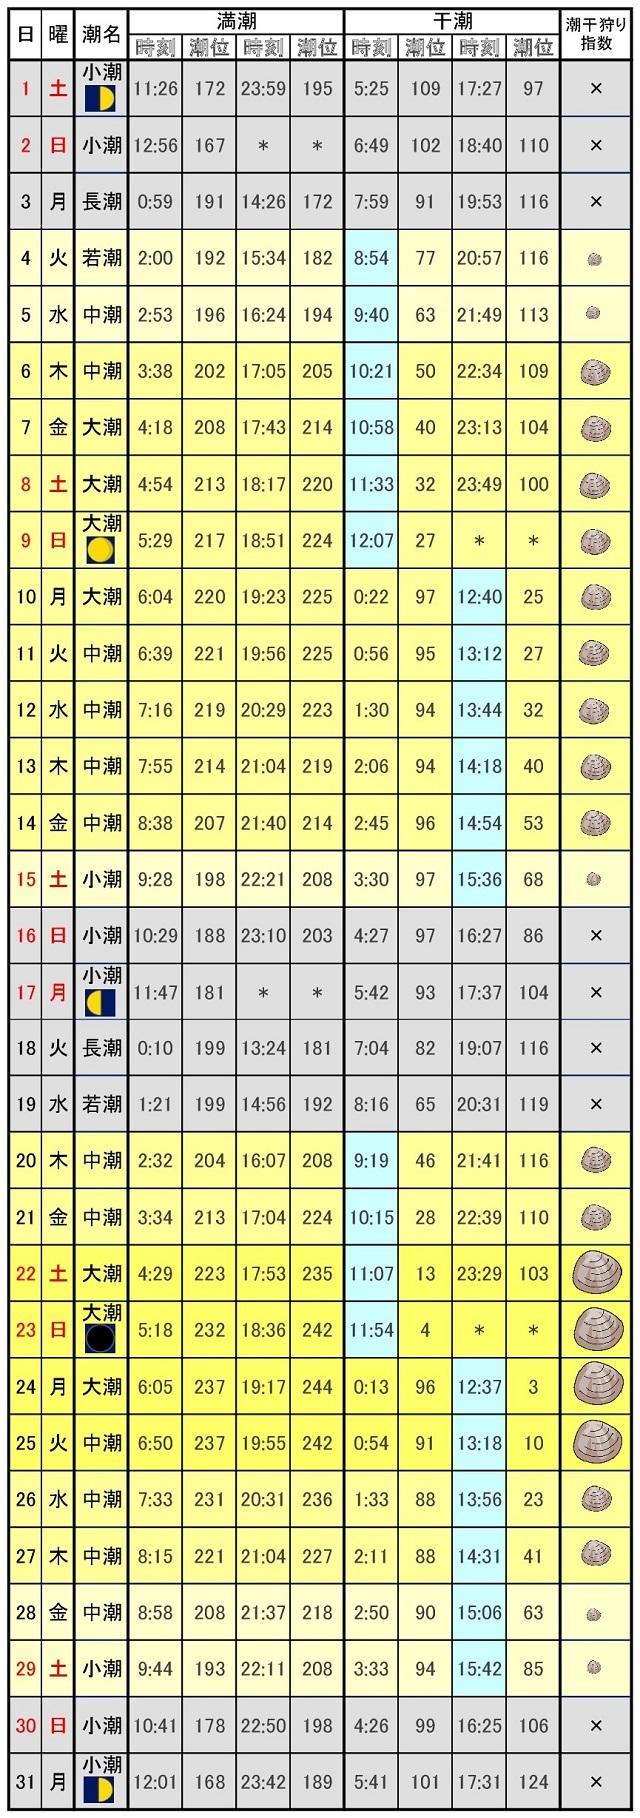 愛知県潮干狩り潮見表2017年7月